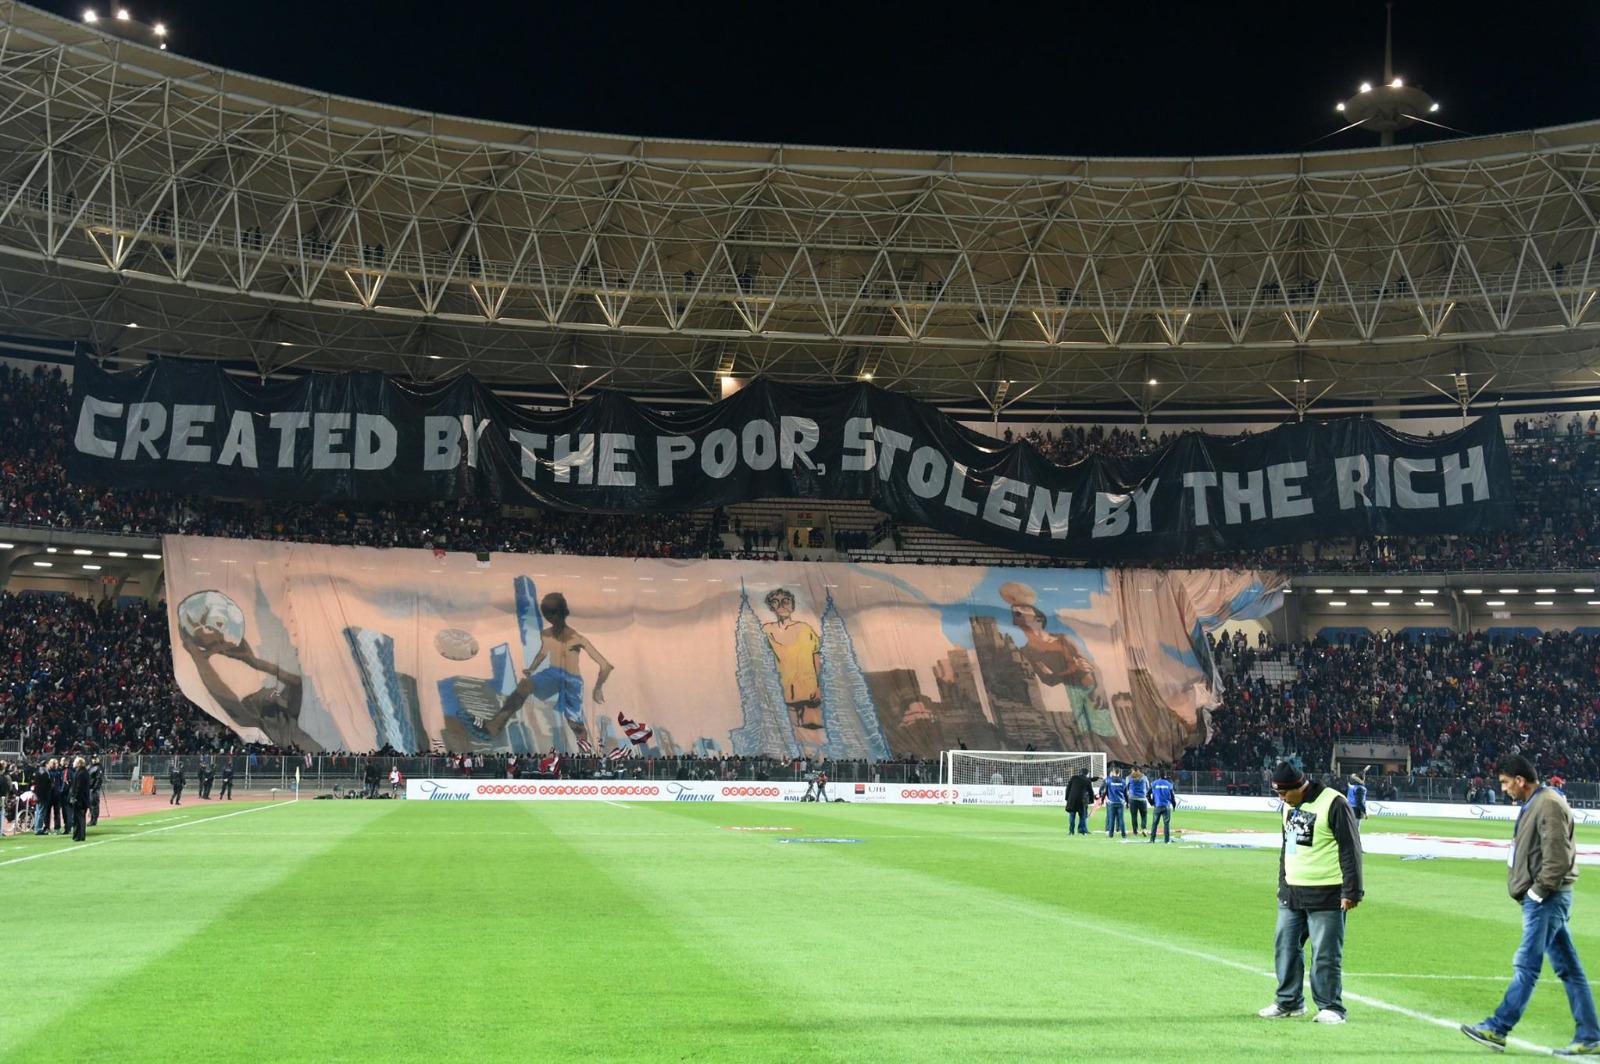 התרגיל המסריח של פלורנטינו פרס: חמש הערות על כישלון הסופרליג בכדורגל האירופי